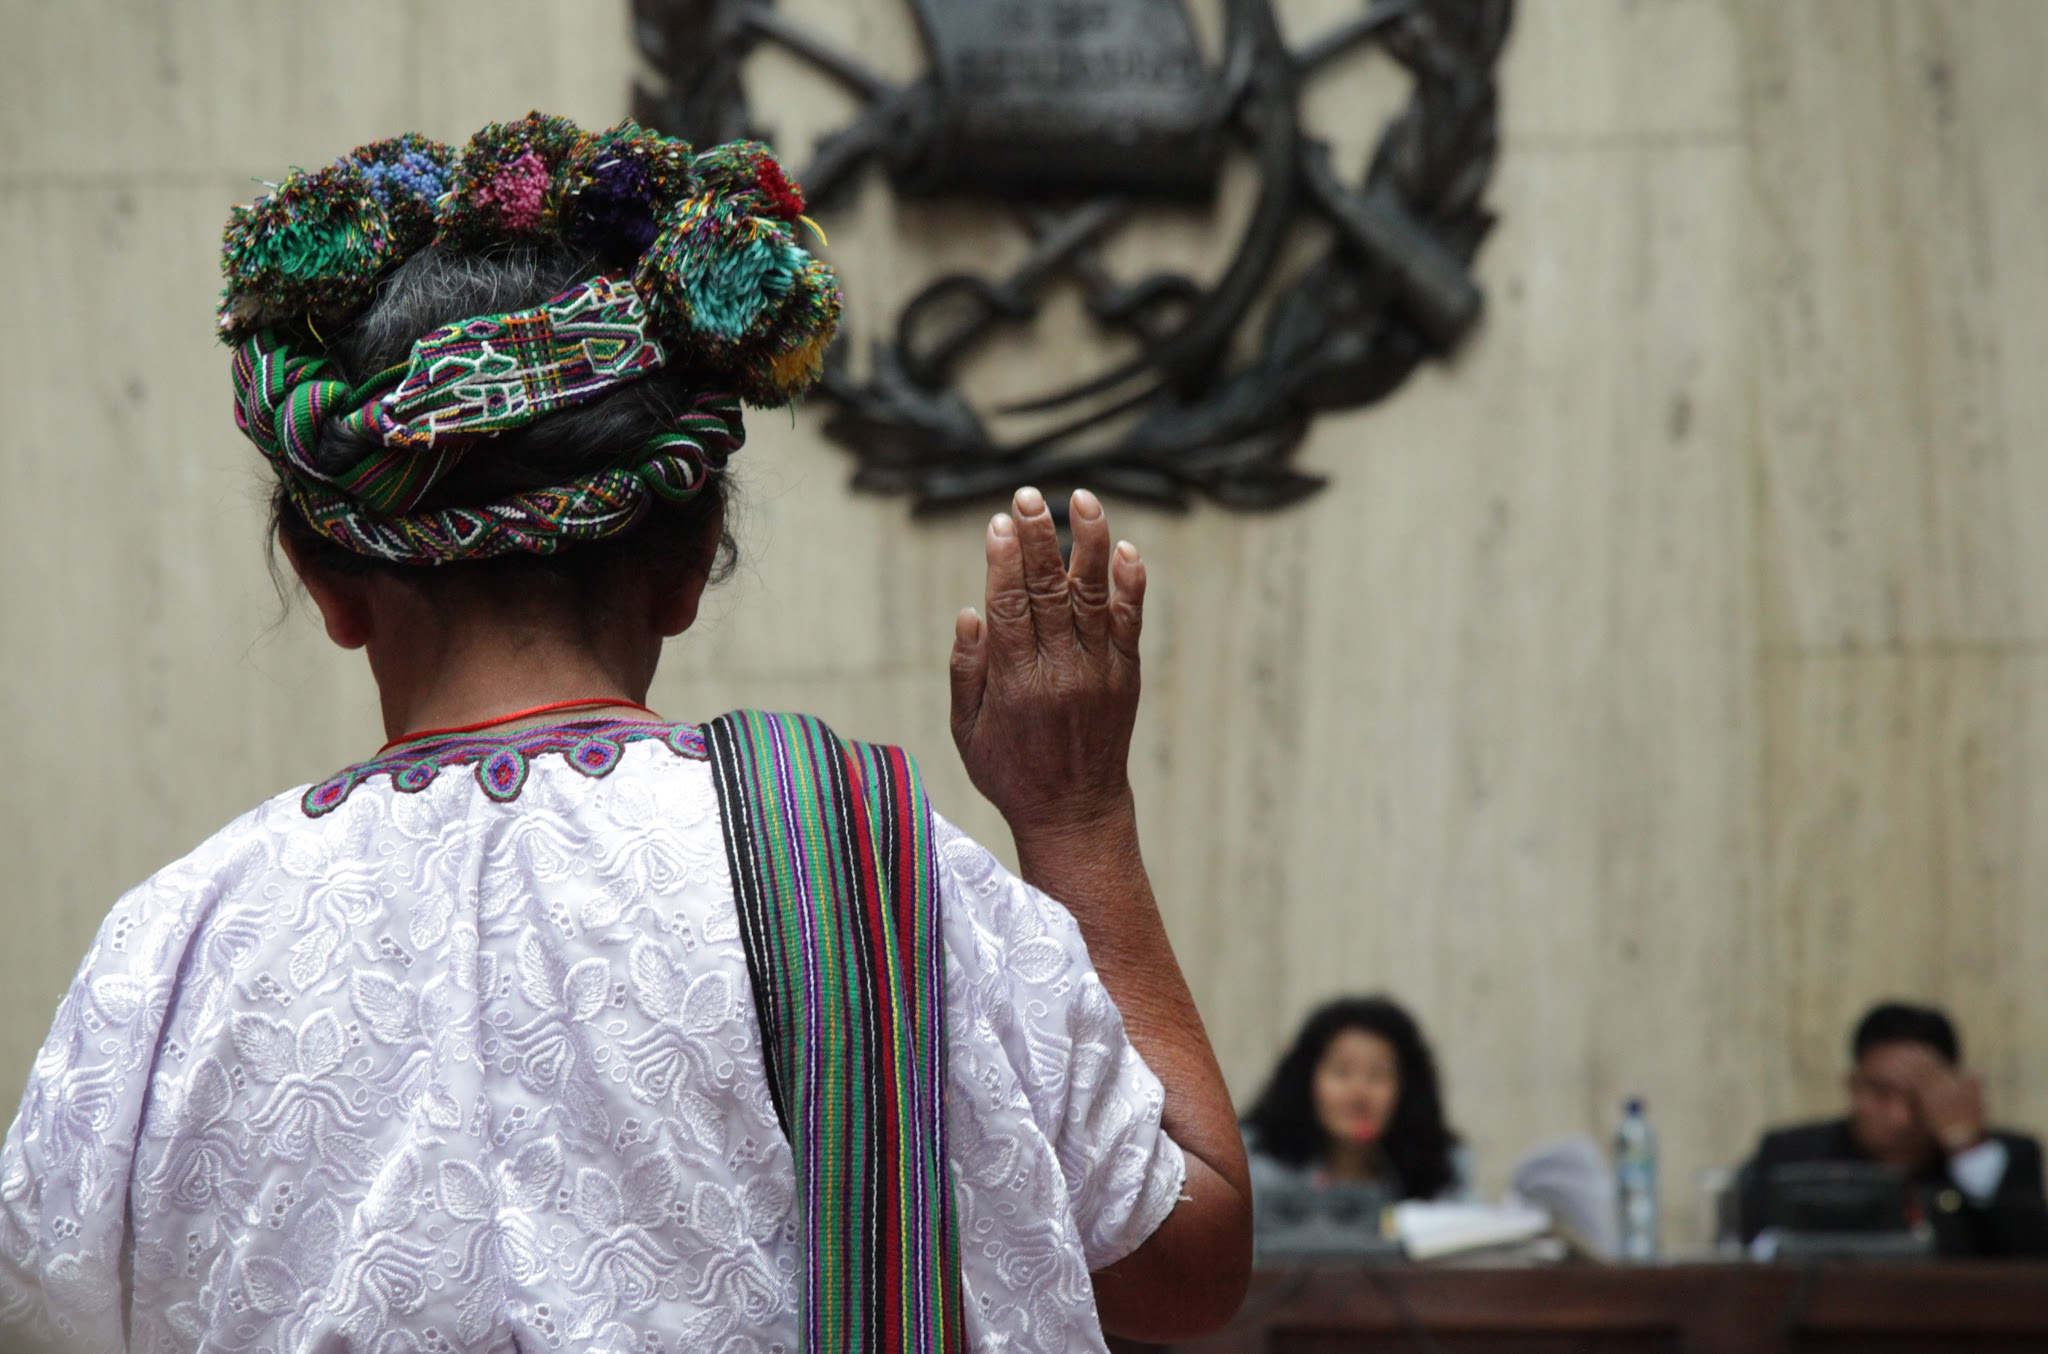 guatemala_genocide_trial.jpg